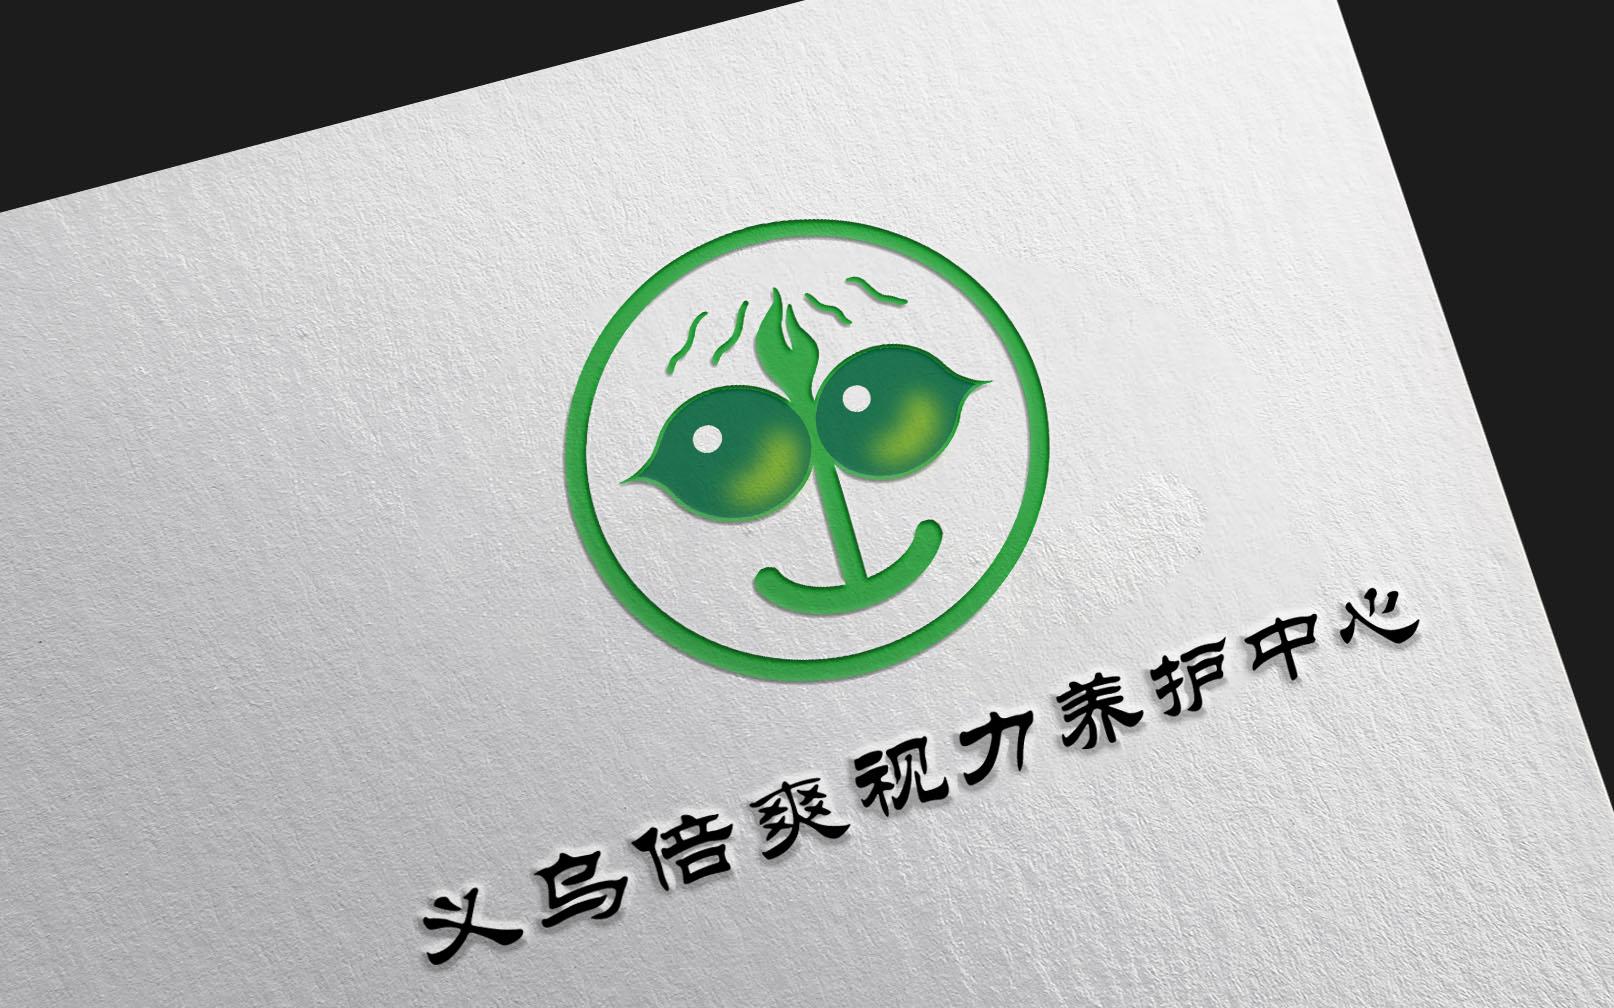 义乌倍爽视力养护中心logo设计_2994705_k68威客网